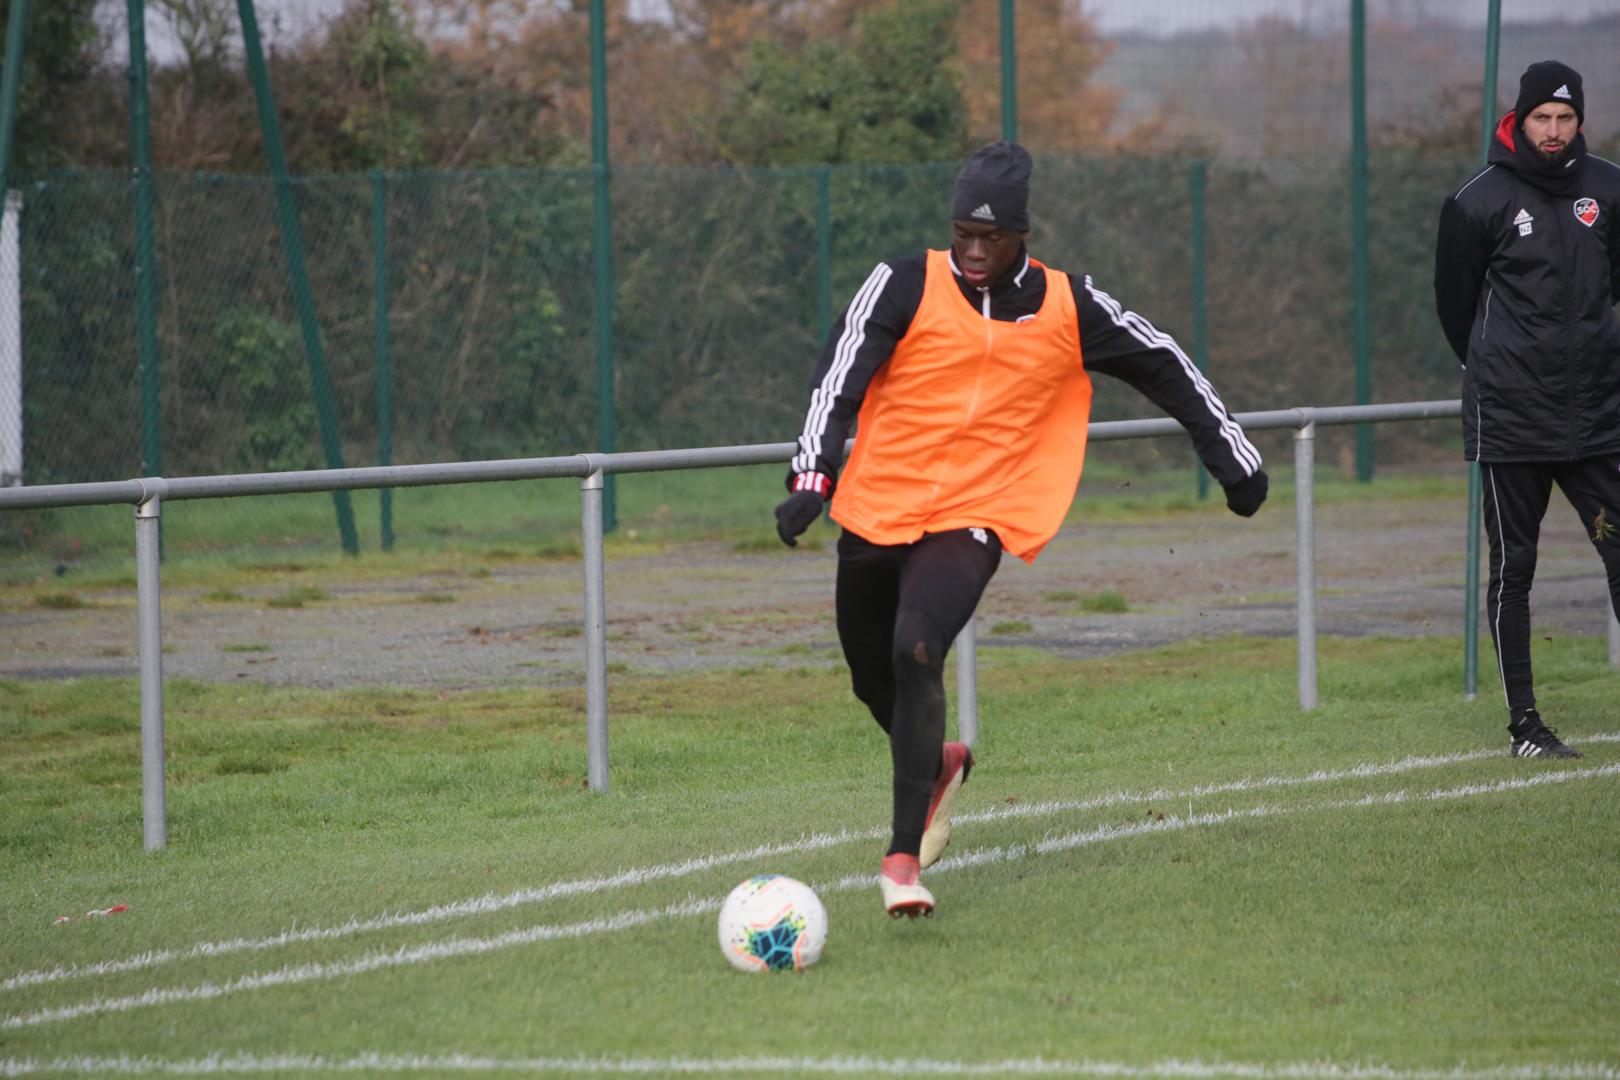 Moussaxdiallo